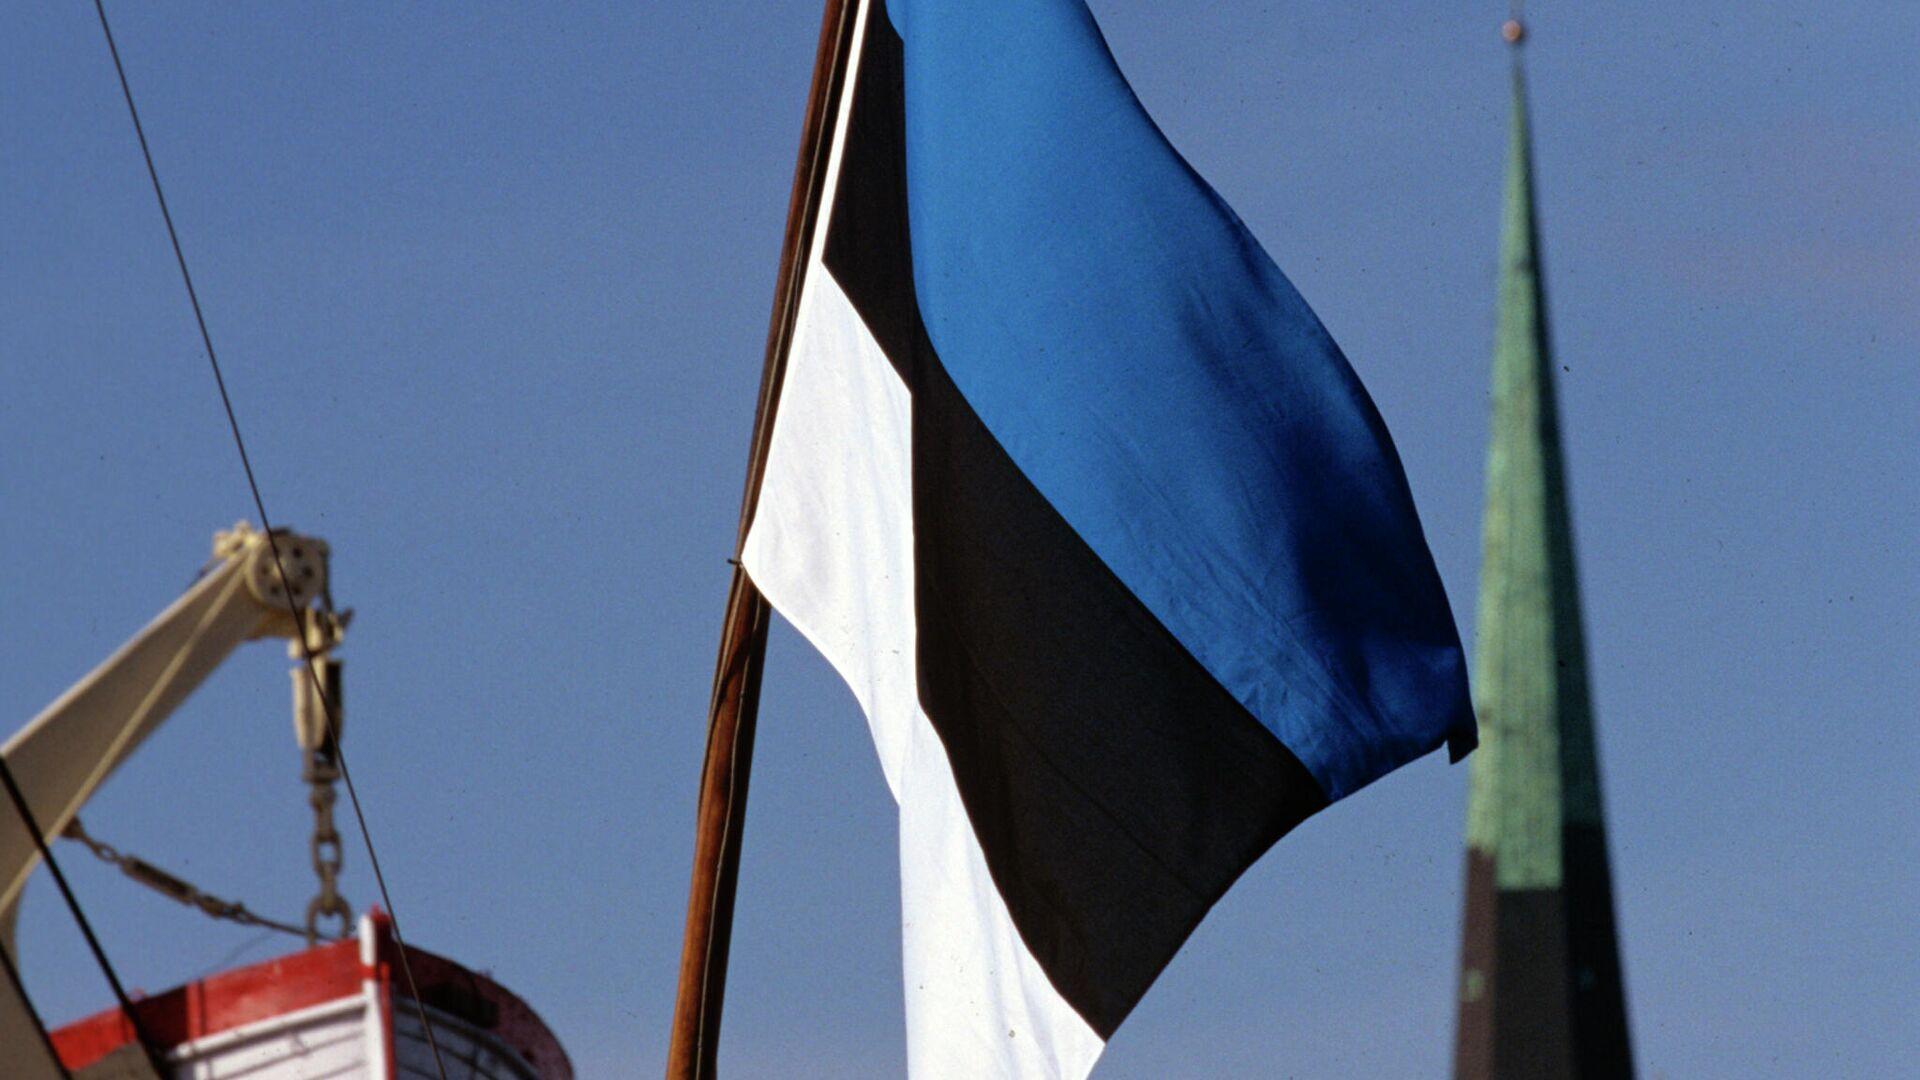 Государственный флаг Эстонии  - РИА Новости, 1920, 19.02.2021